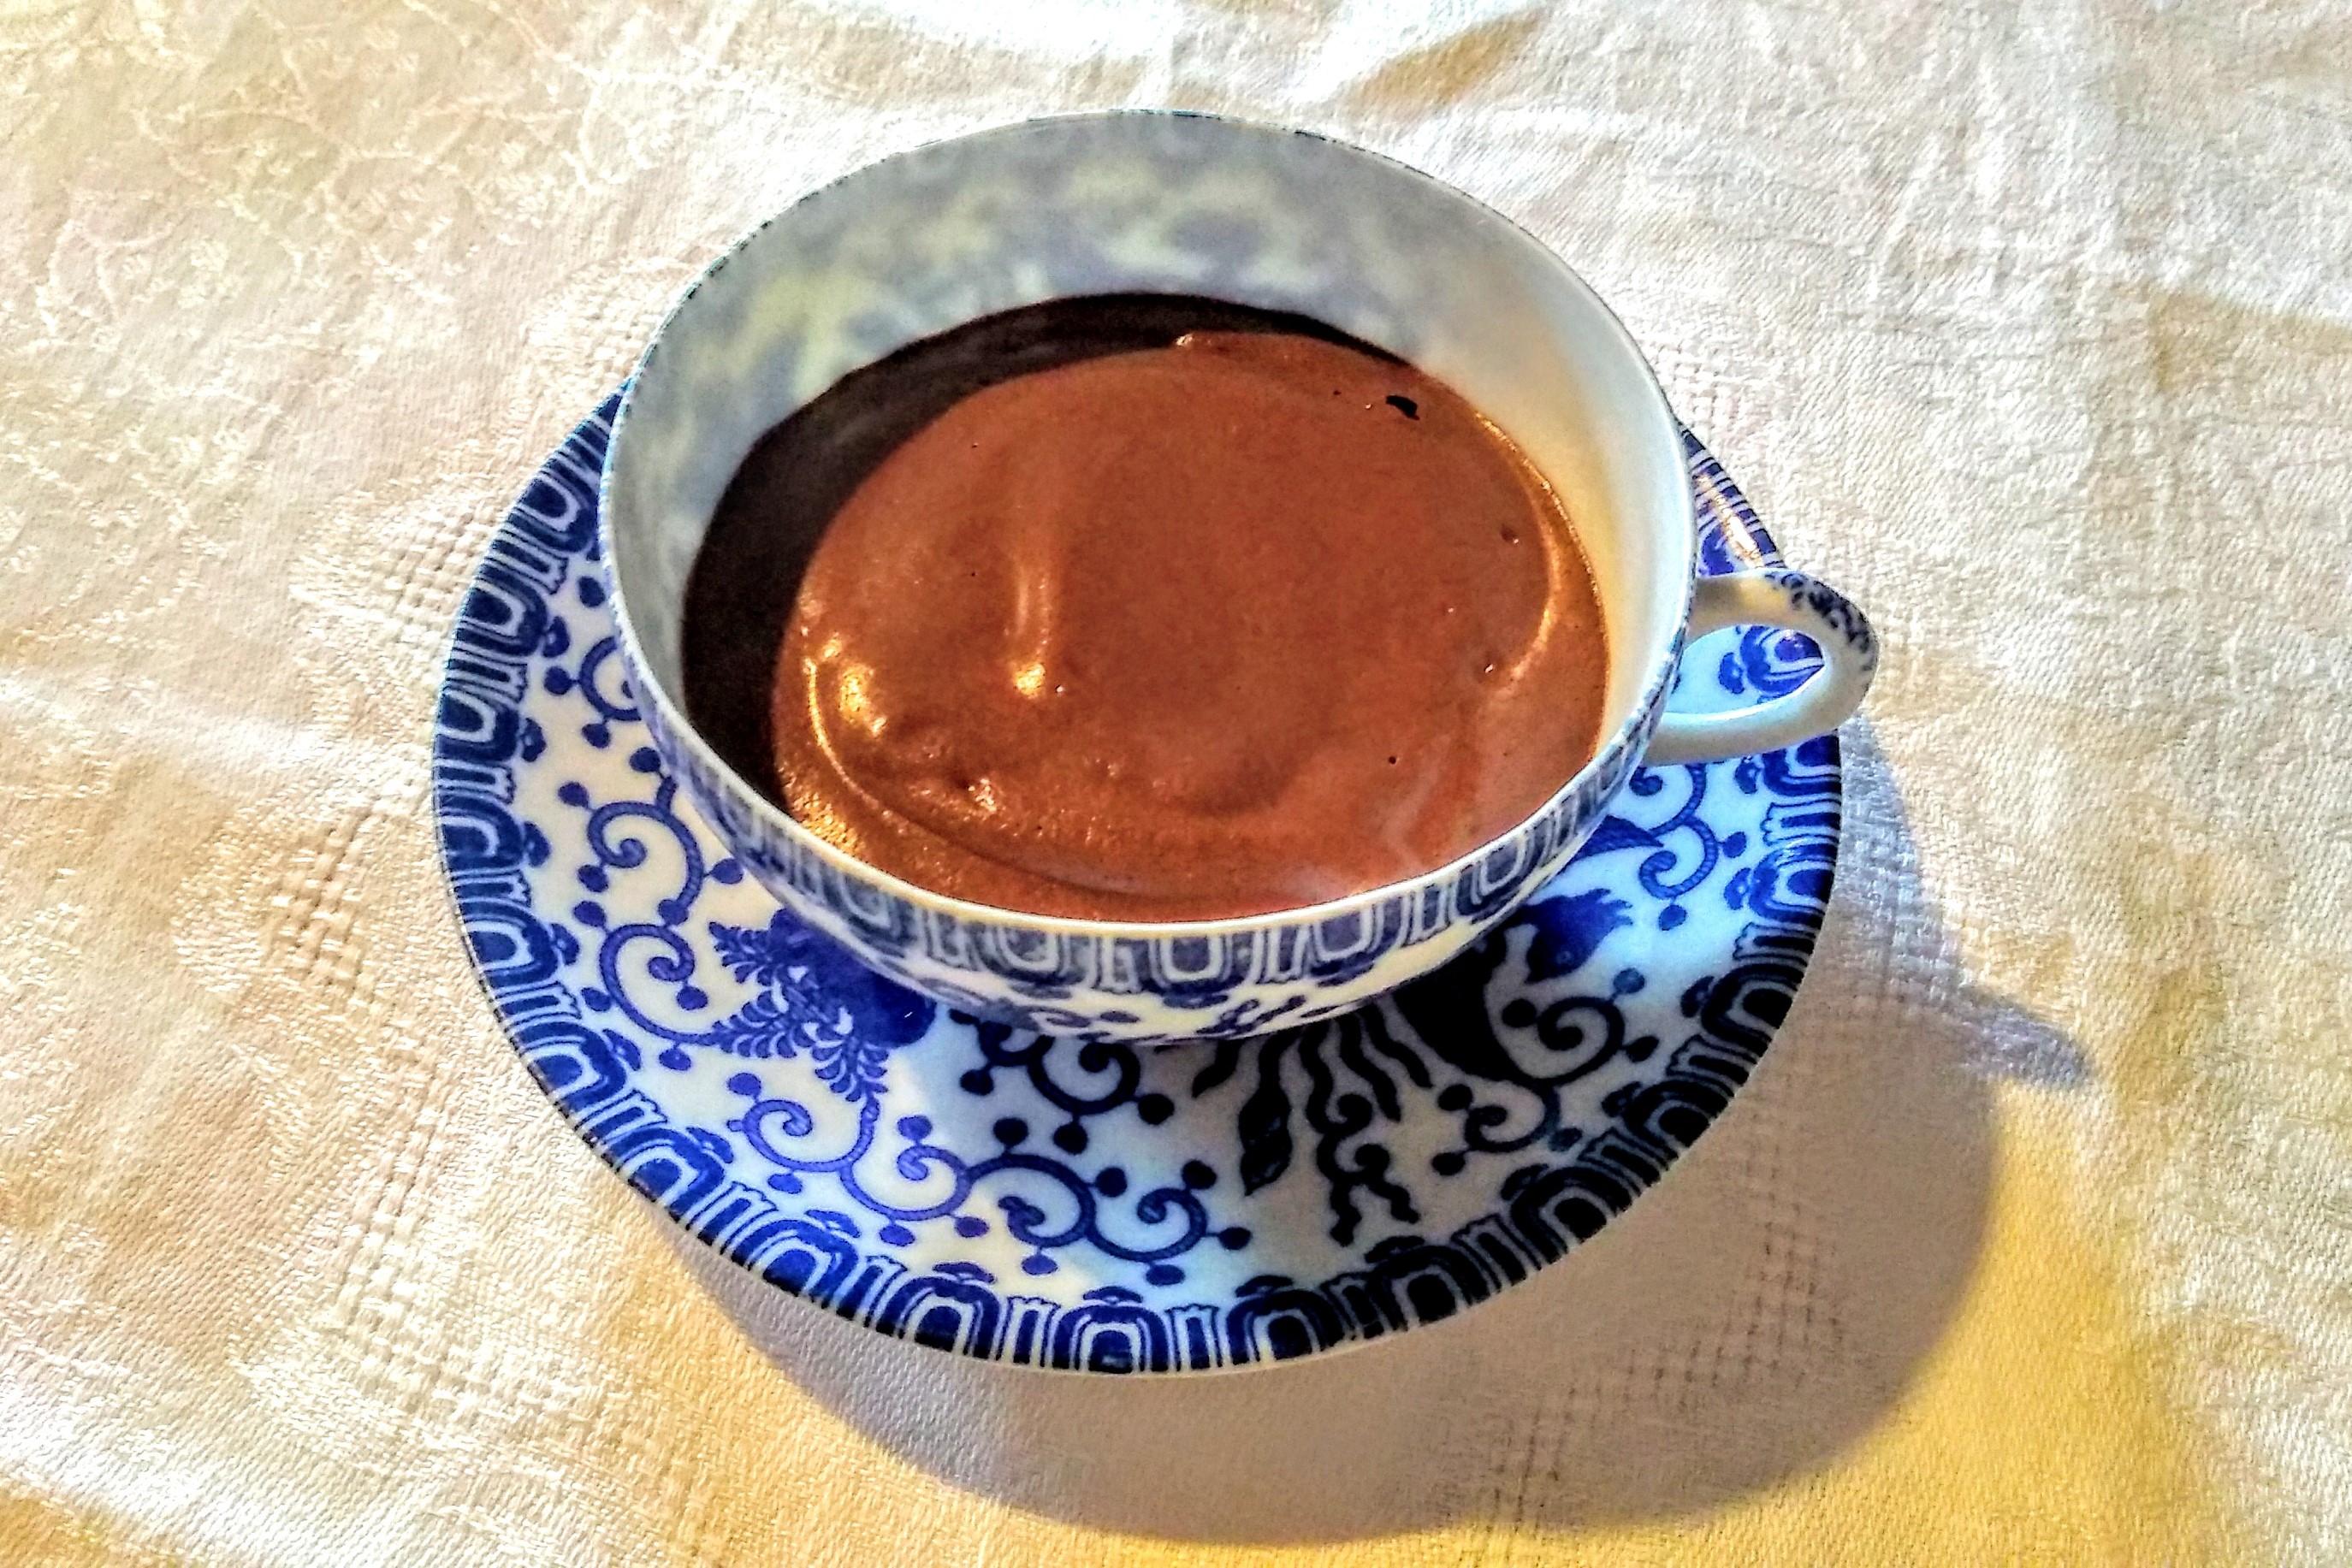 Mousse de chocolate 100% vegetal con aquafaba